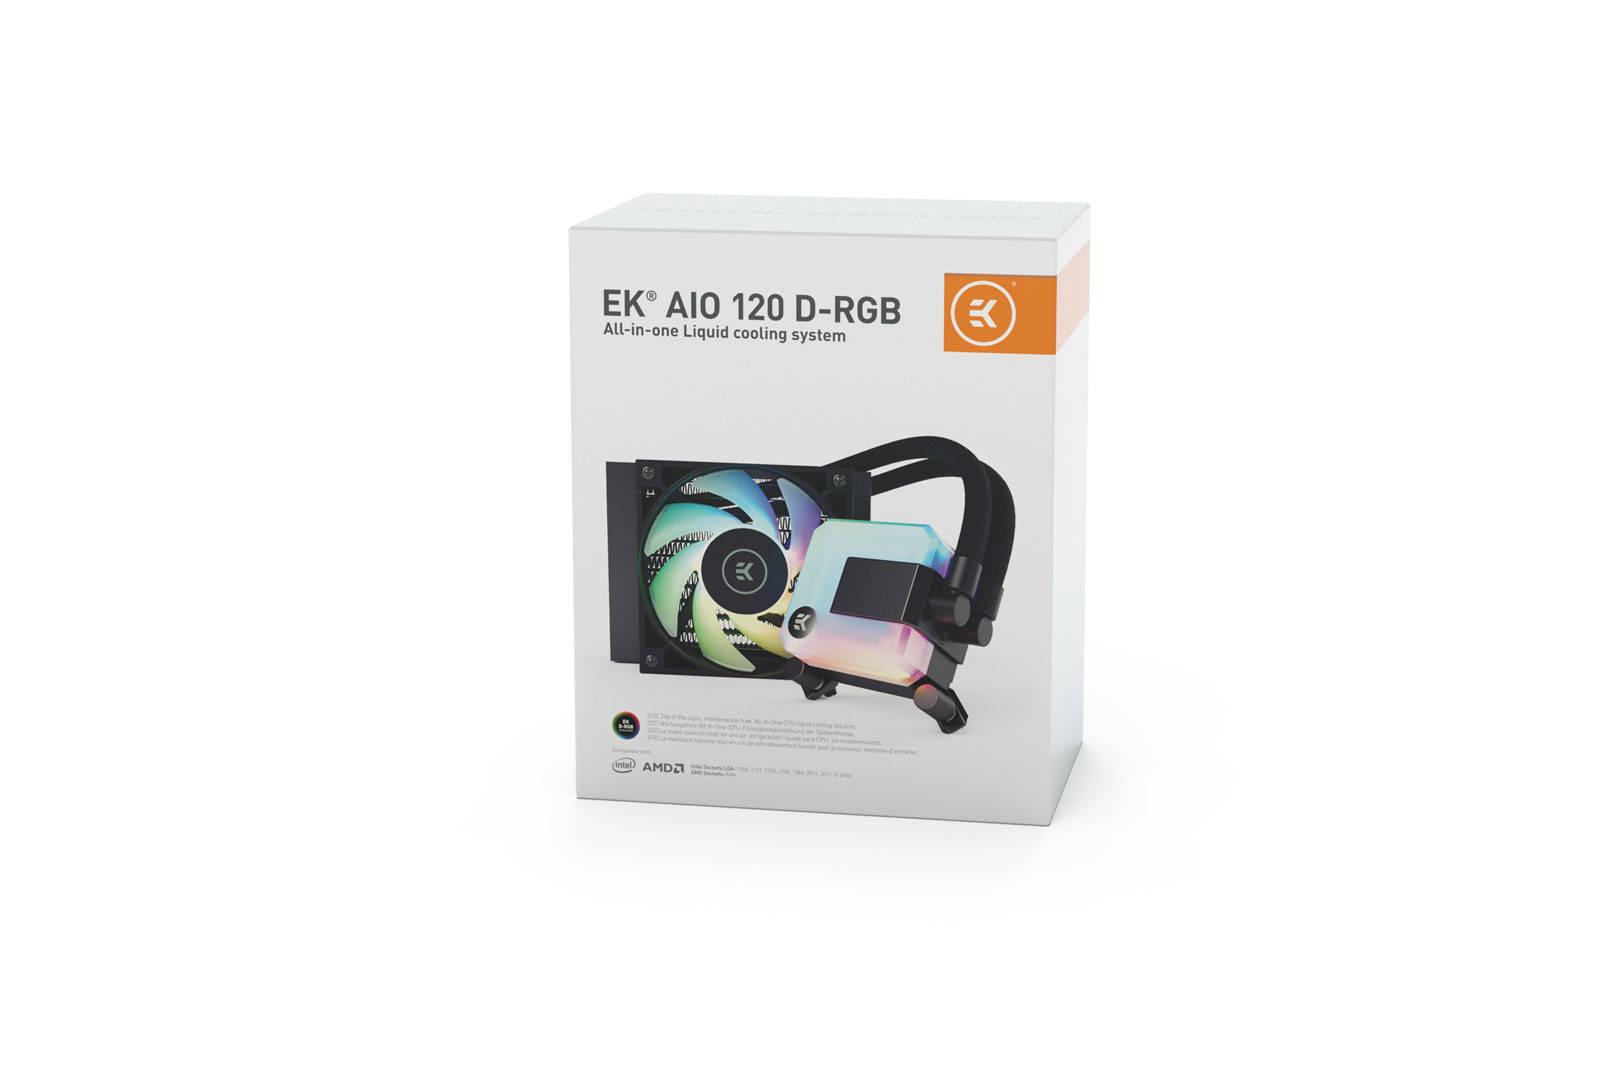 EK WaterBlocks EK-AIO 120 D-RGB